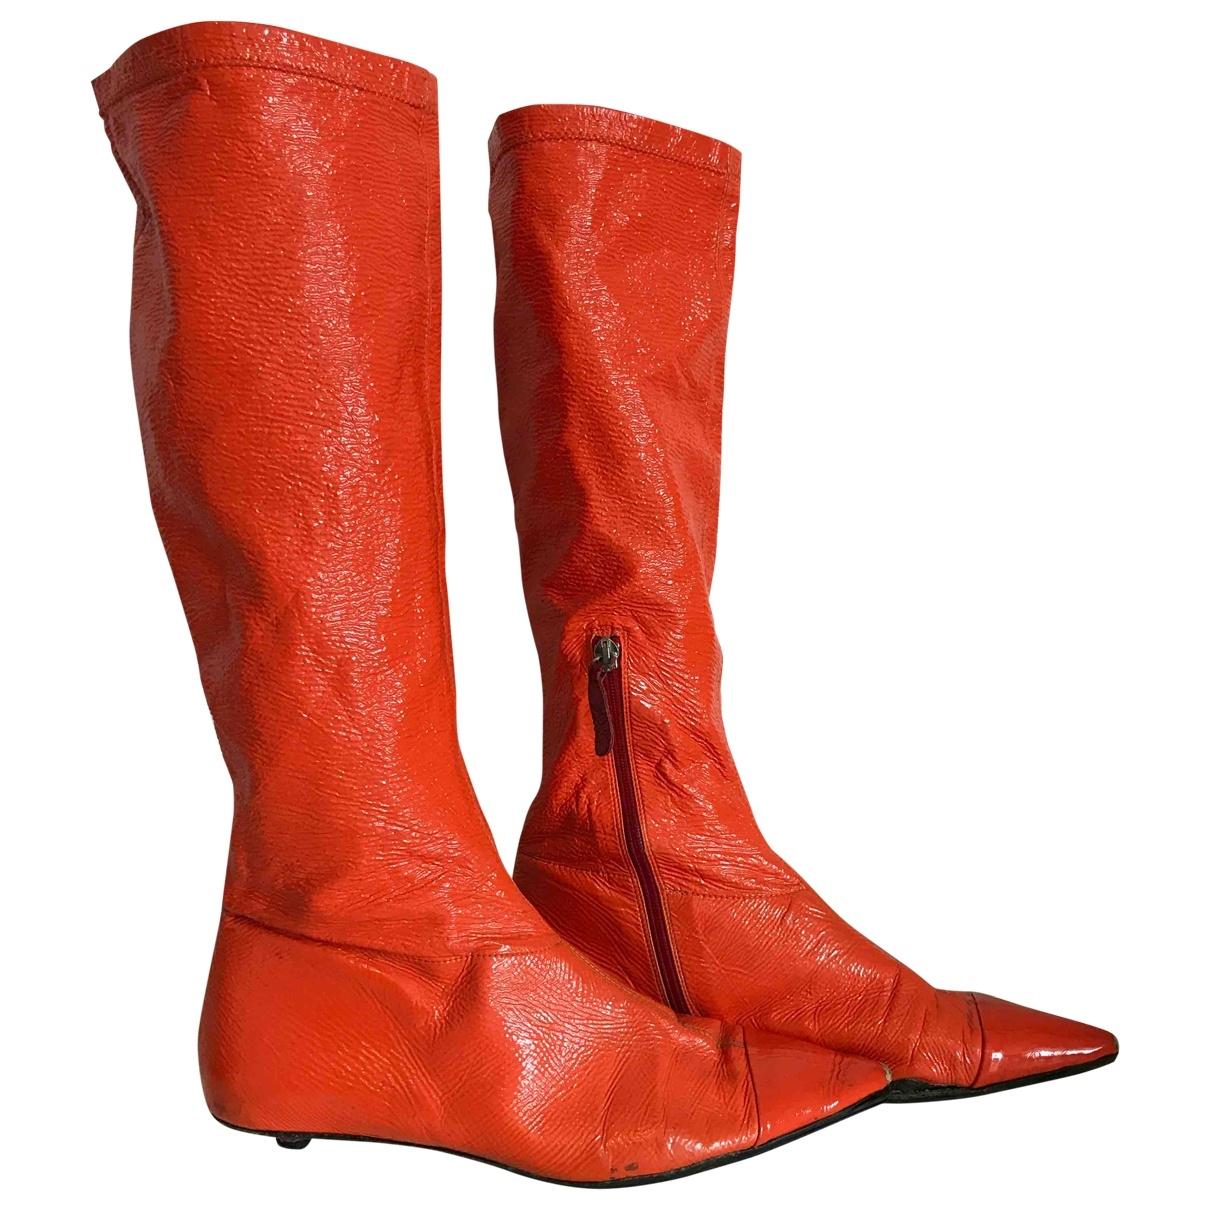 Paul Smith - Bottes   pour femme en cuir verni - orange